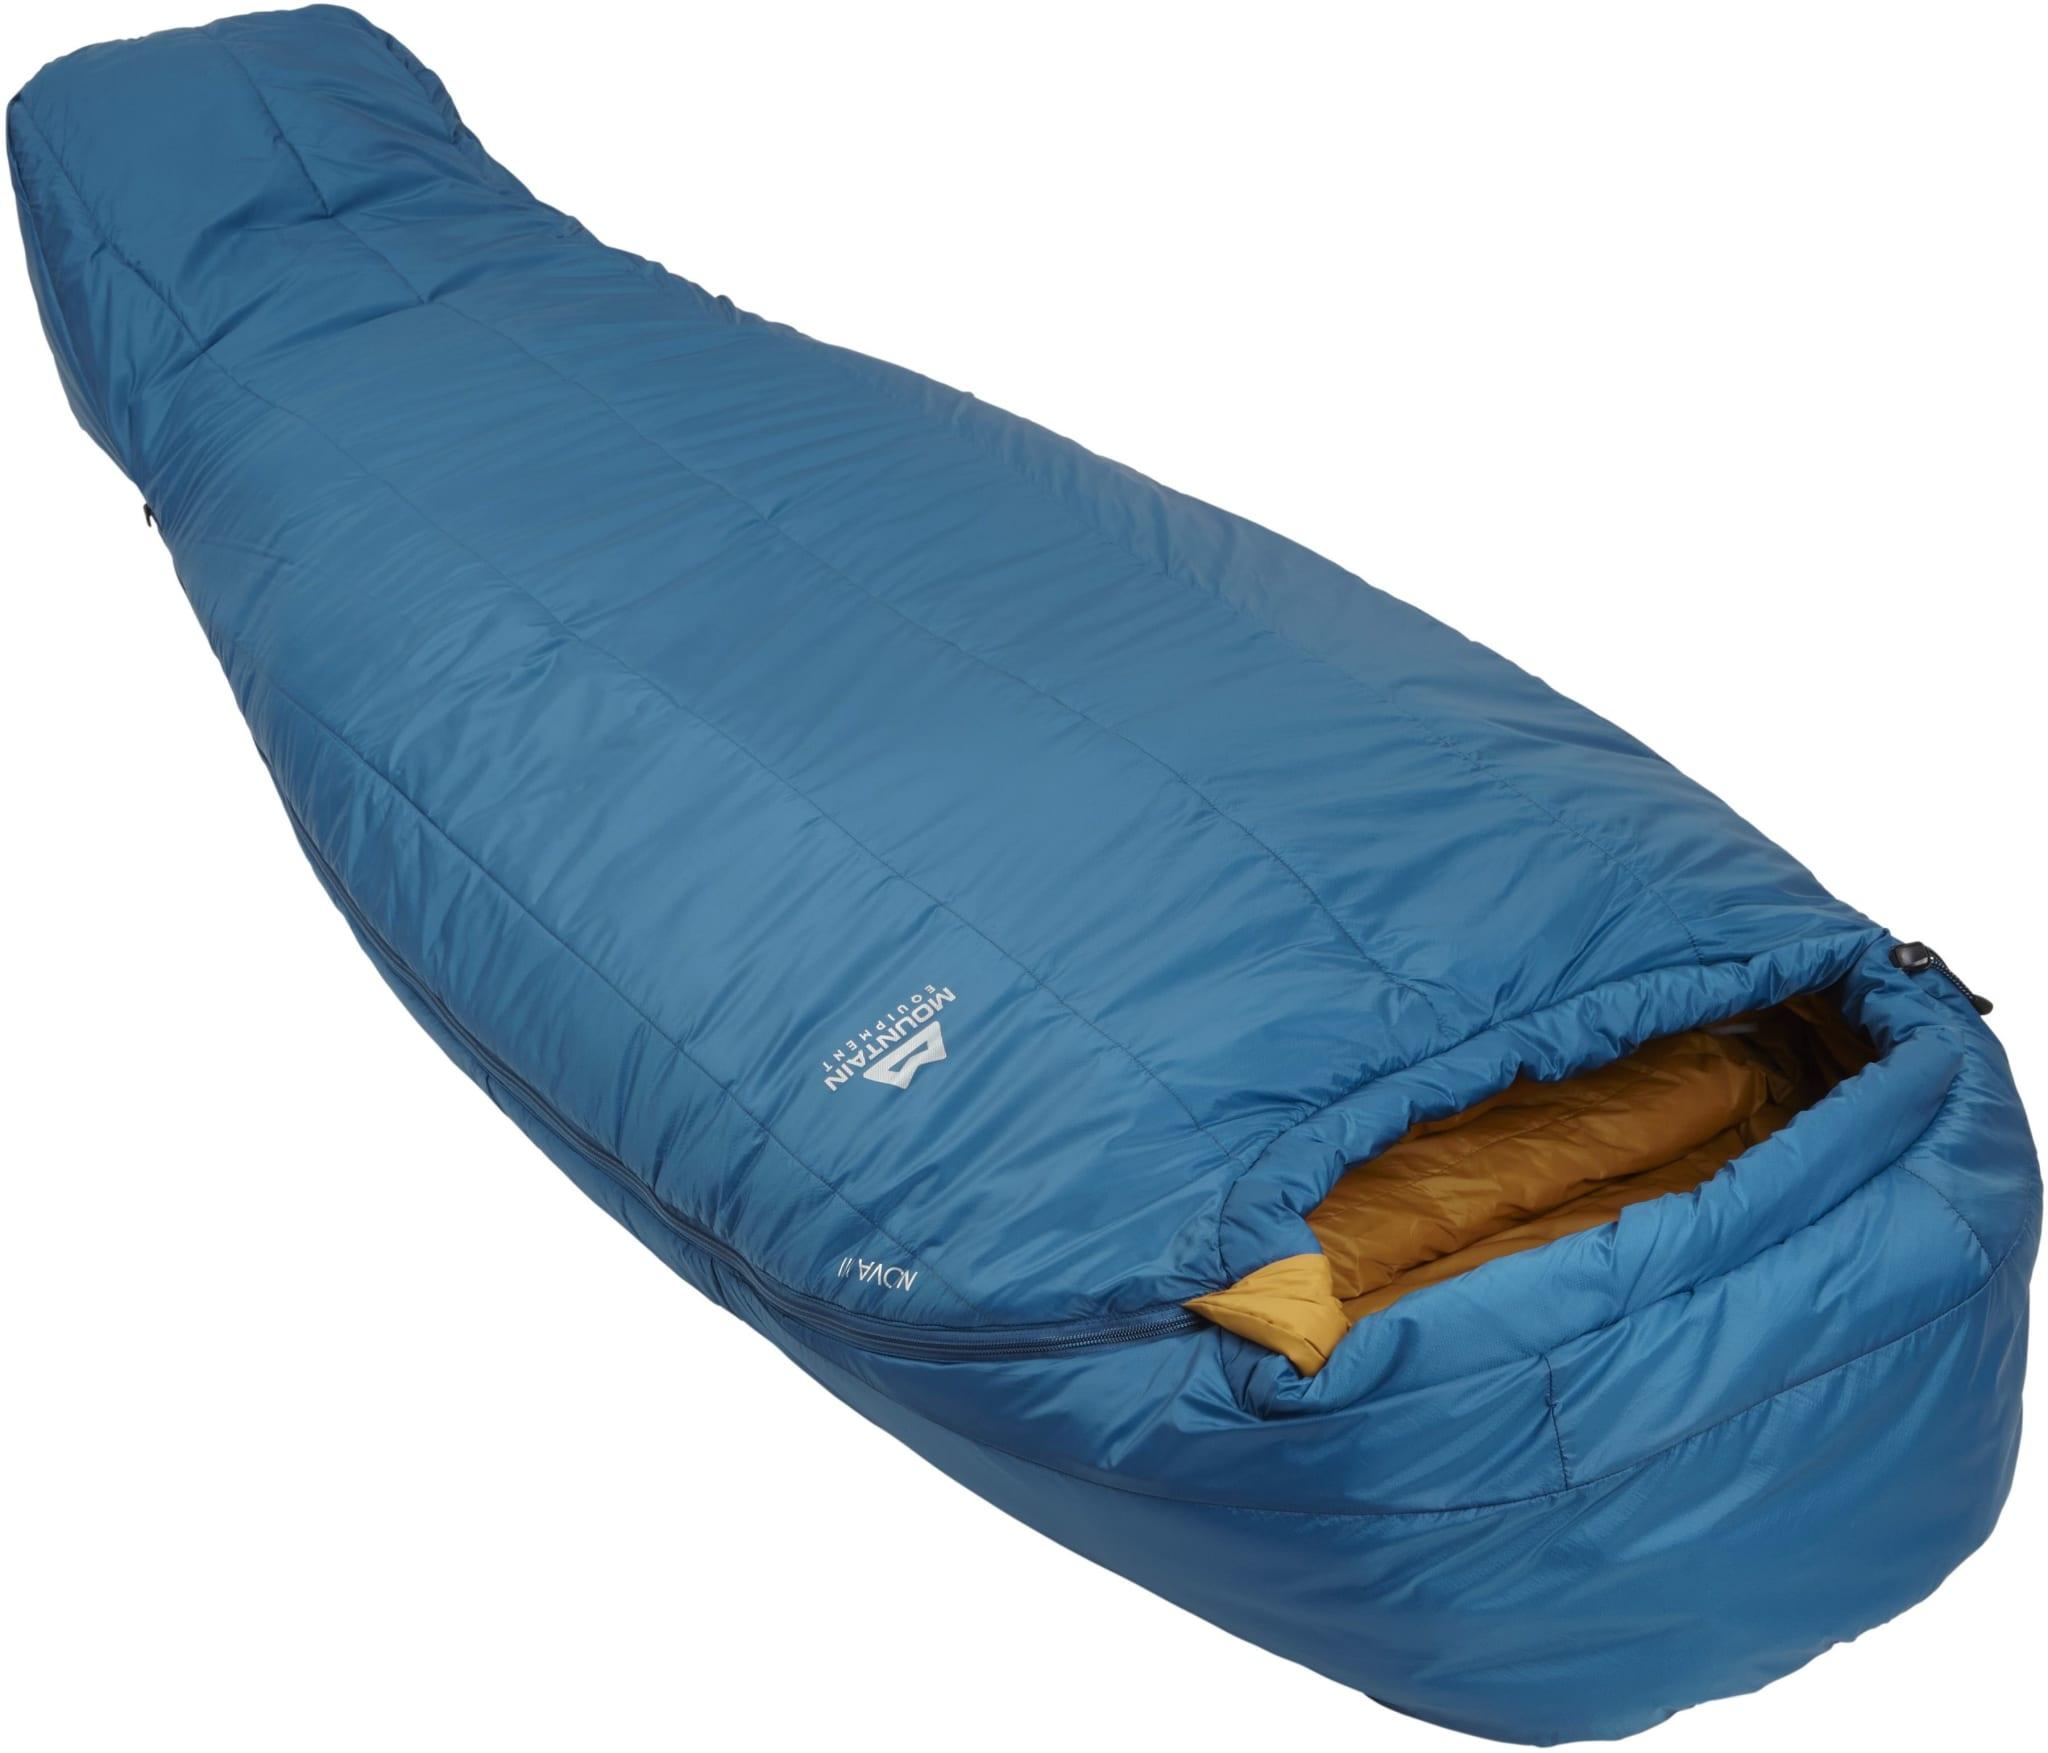 Syntetisk 3-sesongers sovepose med bra forhold mellom varme og vekt